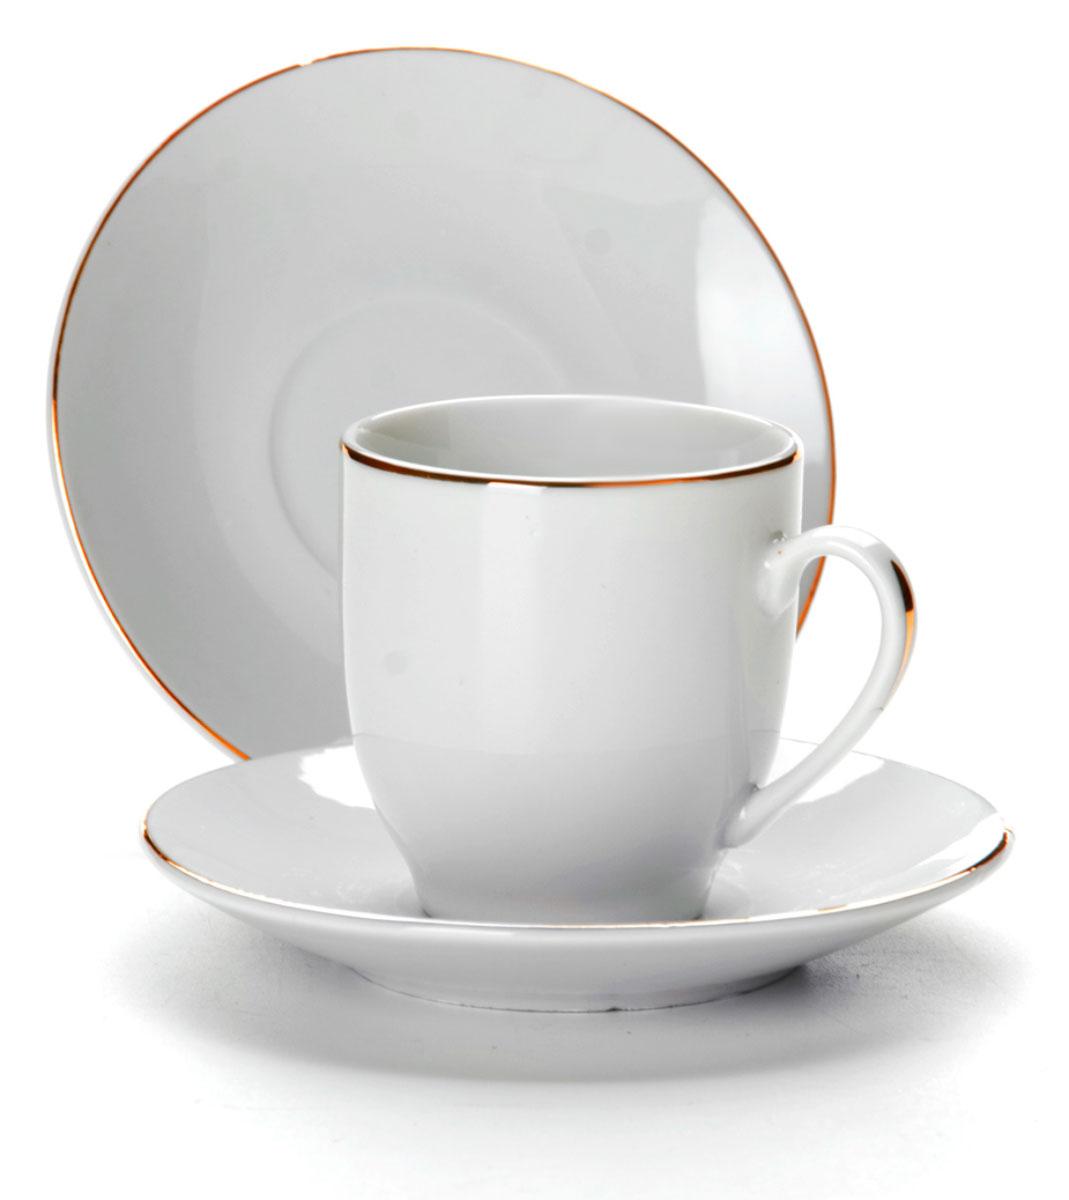 Набор кофейный Loraine, 12 предметов. 25609VT-1520(SR)Набор изготовлен из качественной керамики. Керамика безопасна для здоровья и надолго сохраняет тепло напитка. Изысканно белый цвет с золотым декором придает набору элегантный вид. Объем чашки: 90 мл.Диаметр чашки: 6 см.Высота чашки: 5,5 см.Диаметр блюдца: 10,5 см.